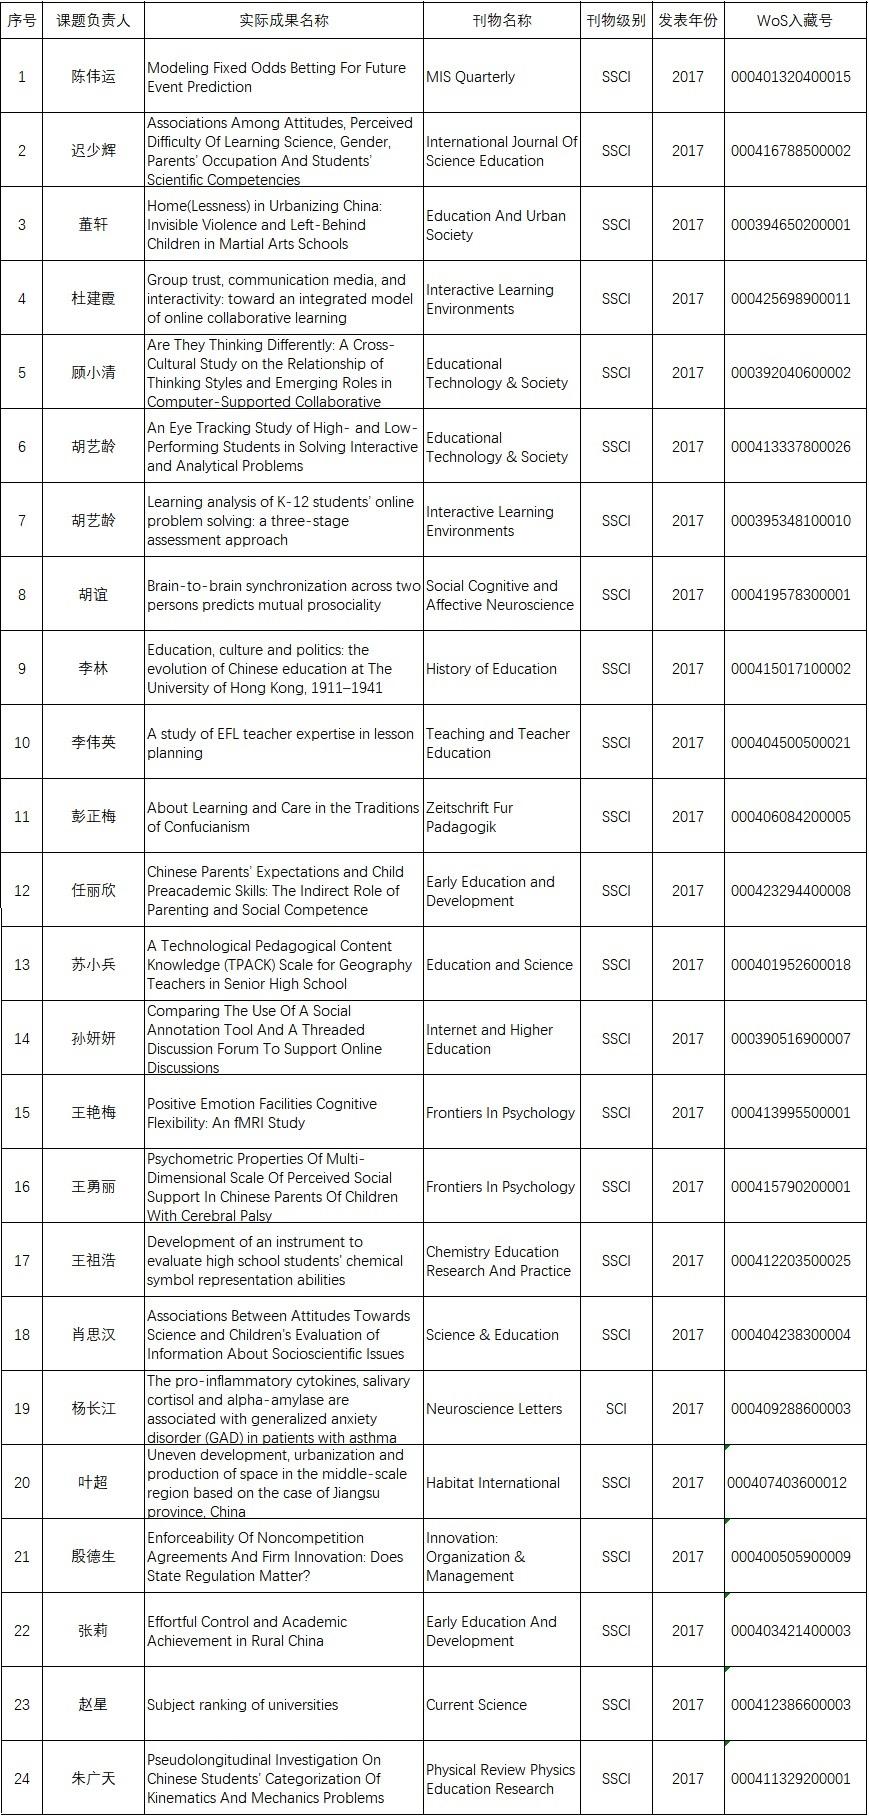 2017年国际核心期刊发文统计表